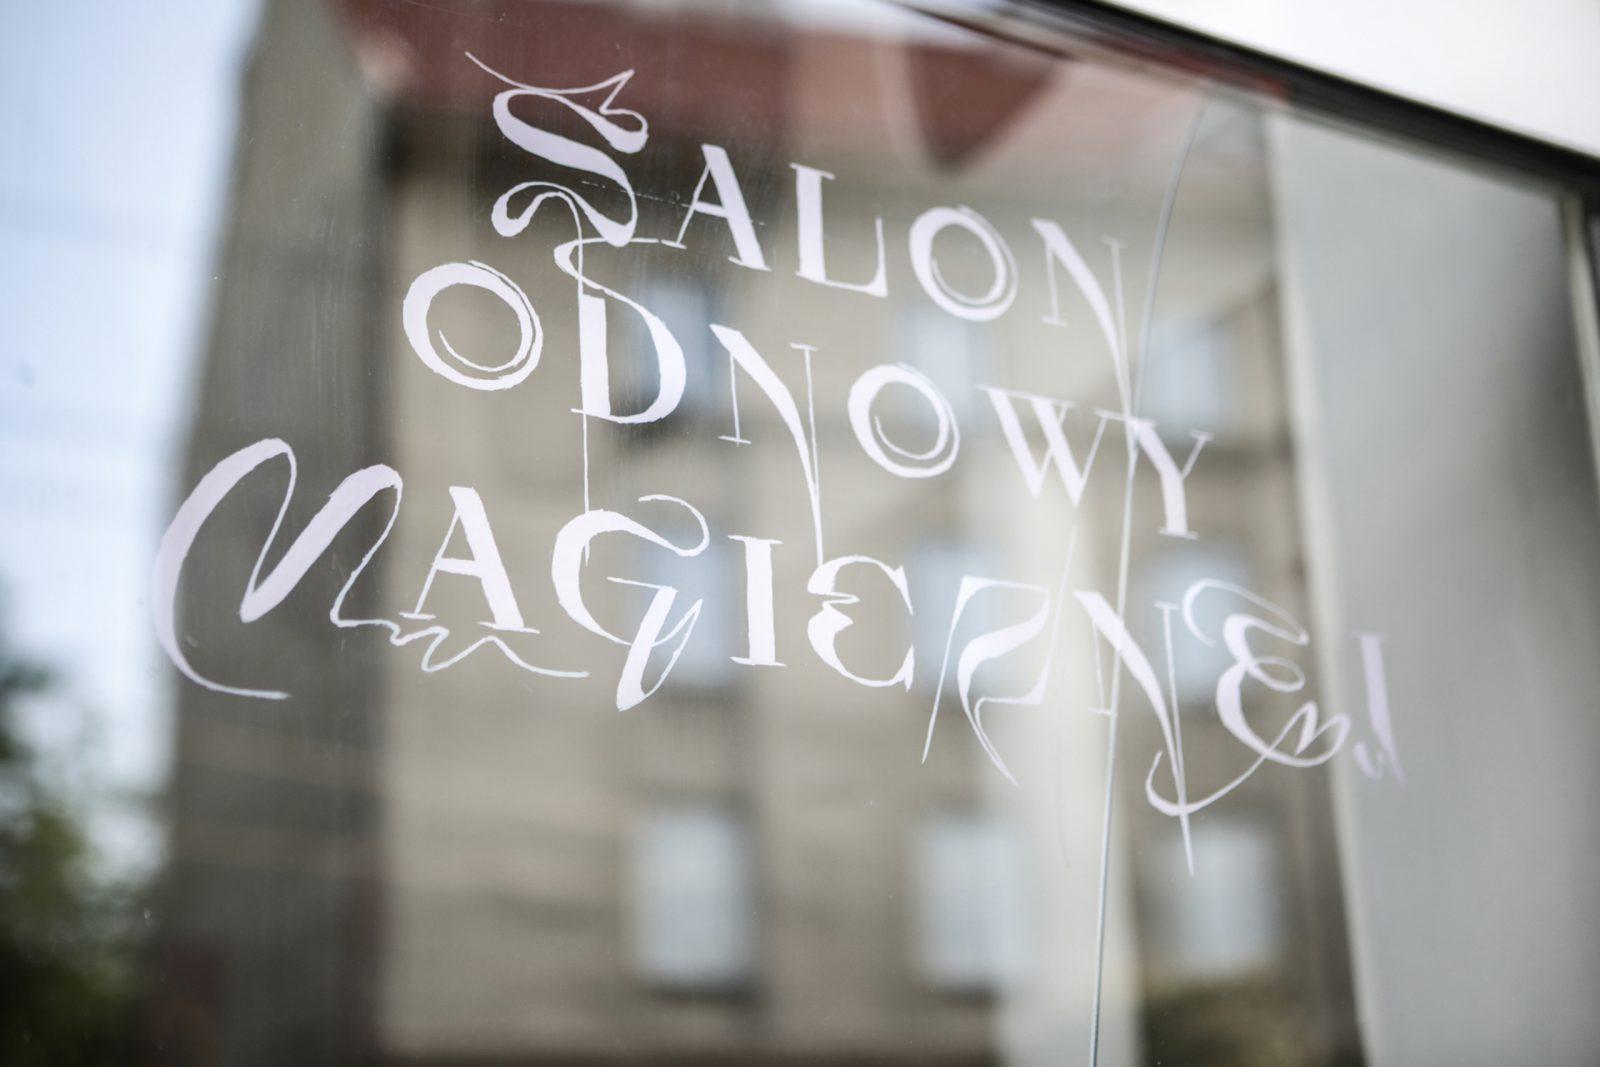 ↑ Widok witryny,<br> <em>Salon odnowy magicznej</em>, 2021,<br> Galeria Widna